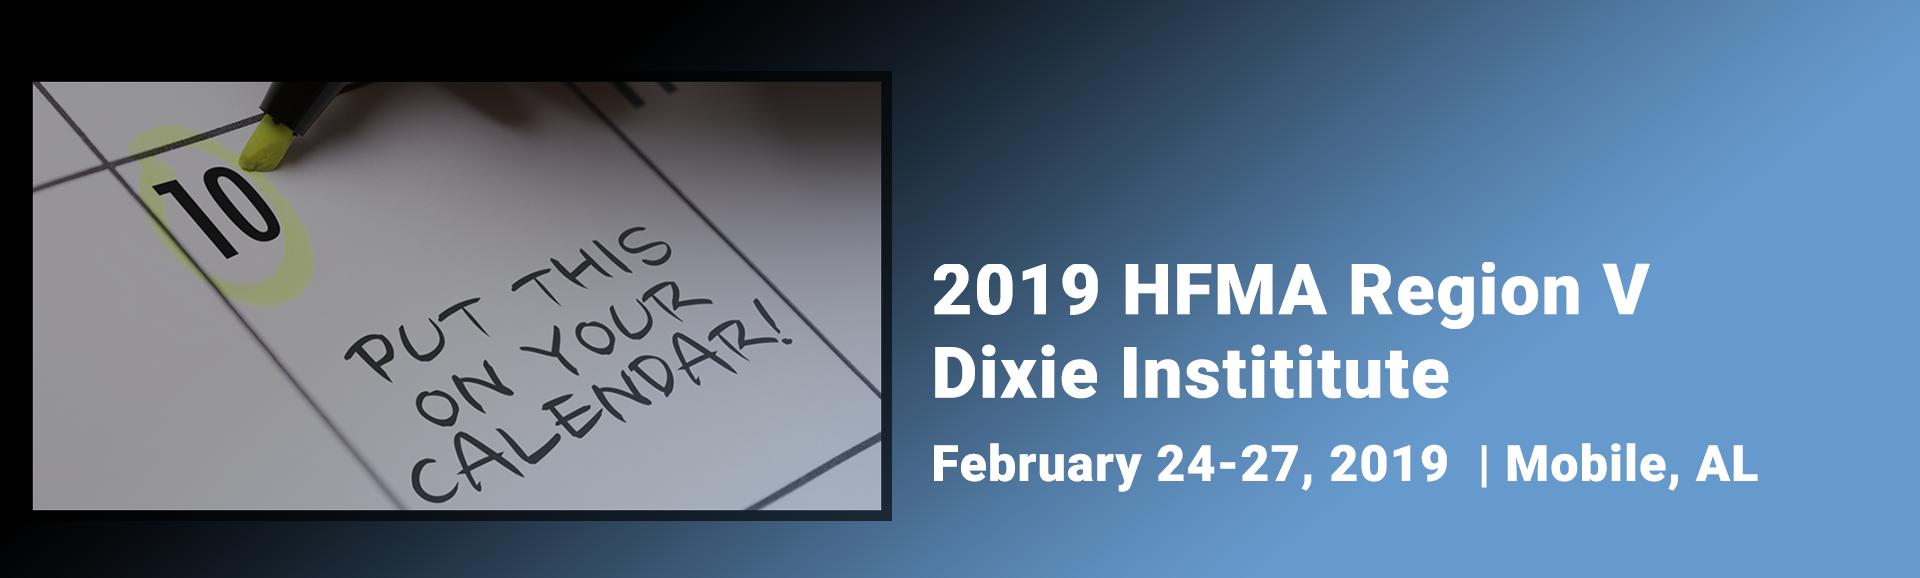 Calendar-Notice-Header-HFMA